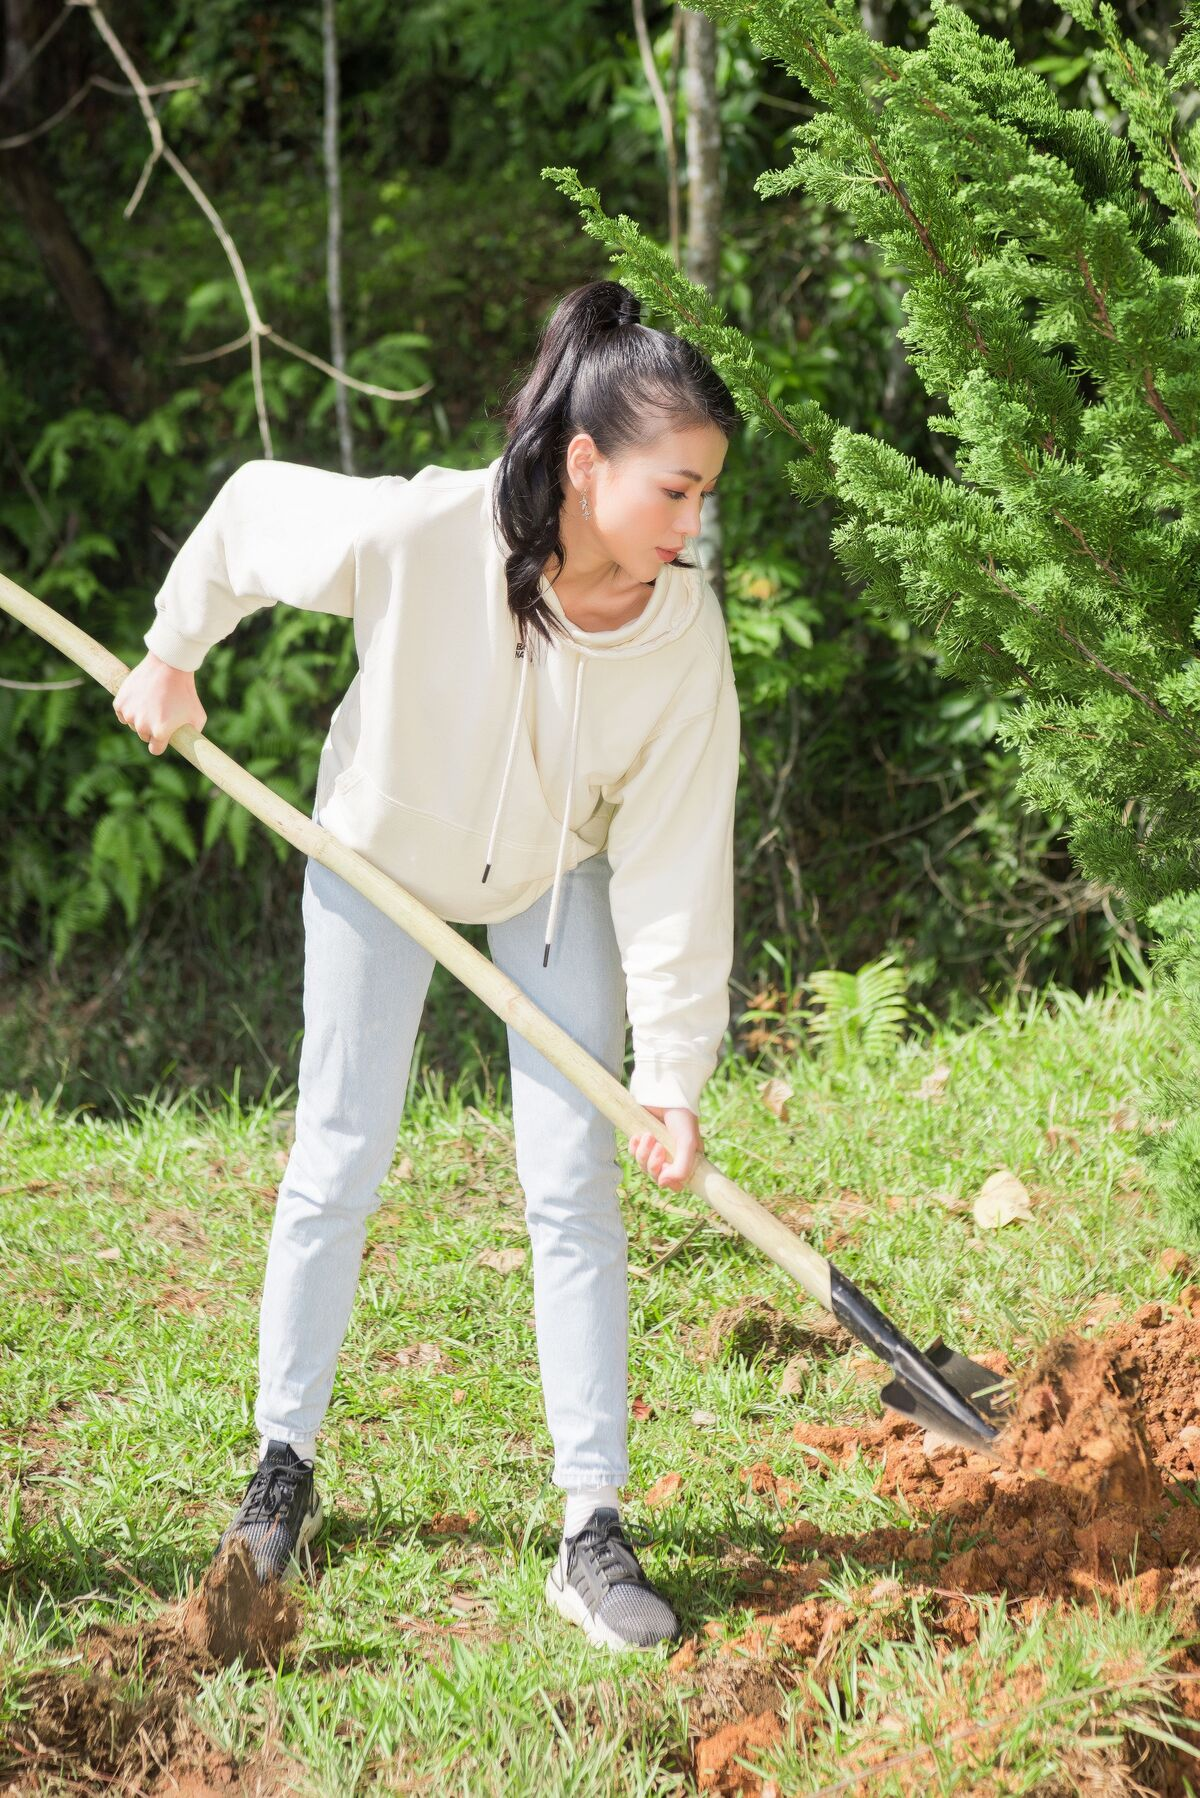 Trúc diễm diễm hương trồng cây ở lâm đồng - 5